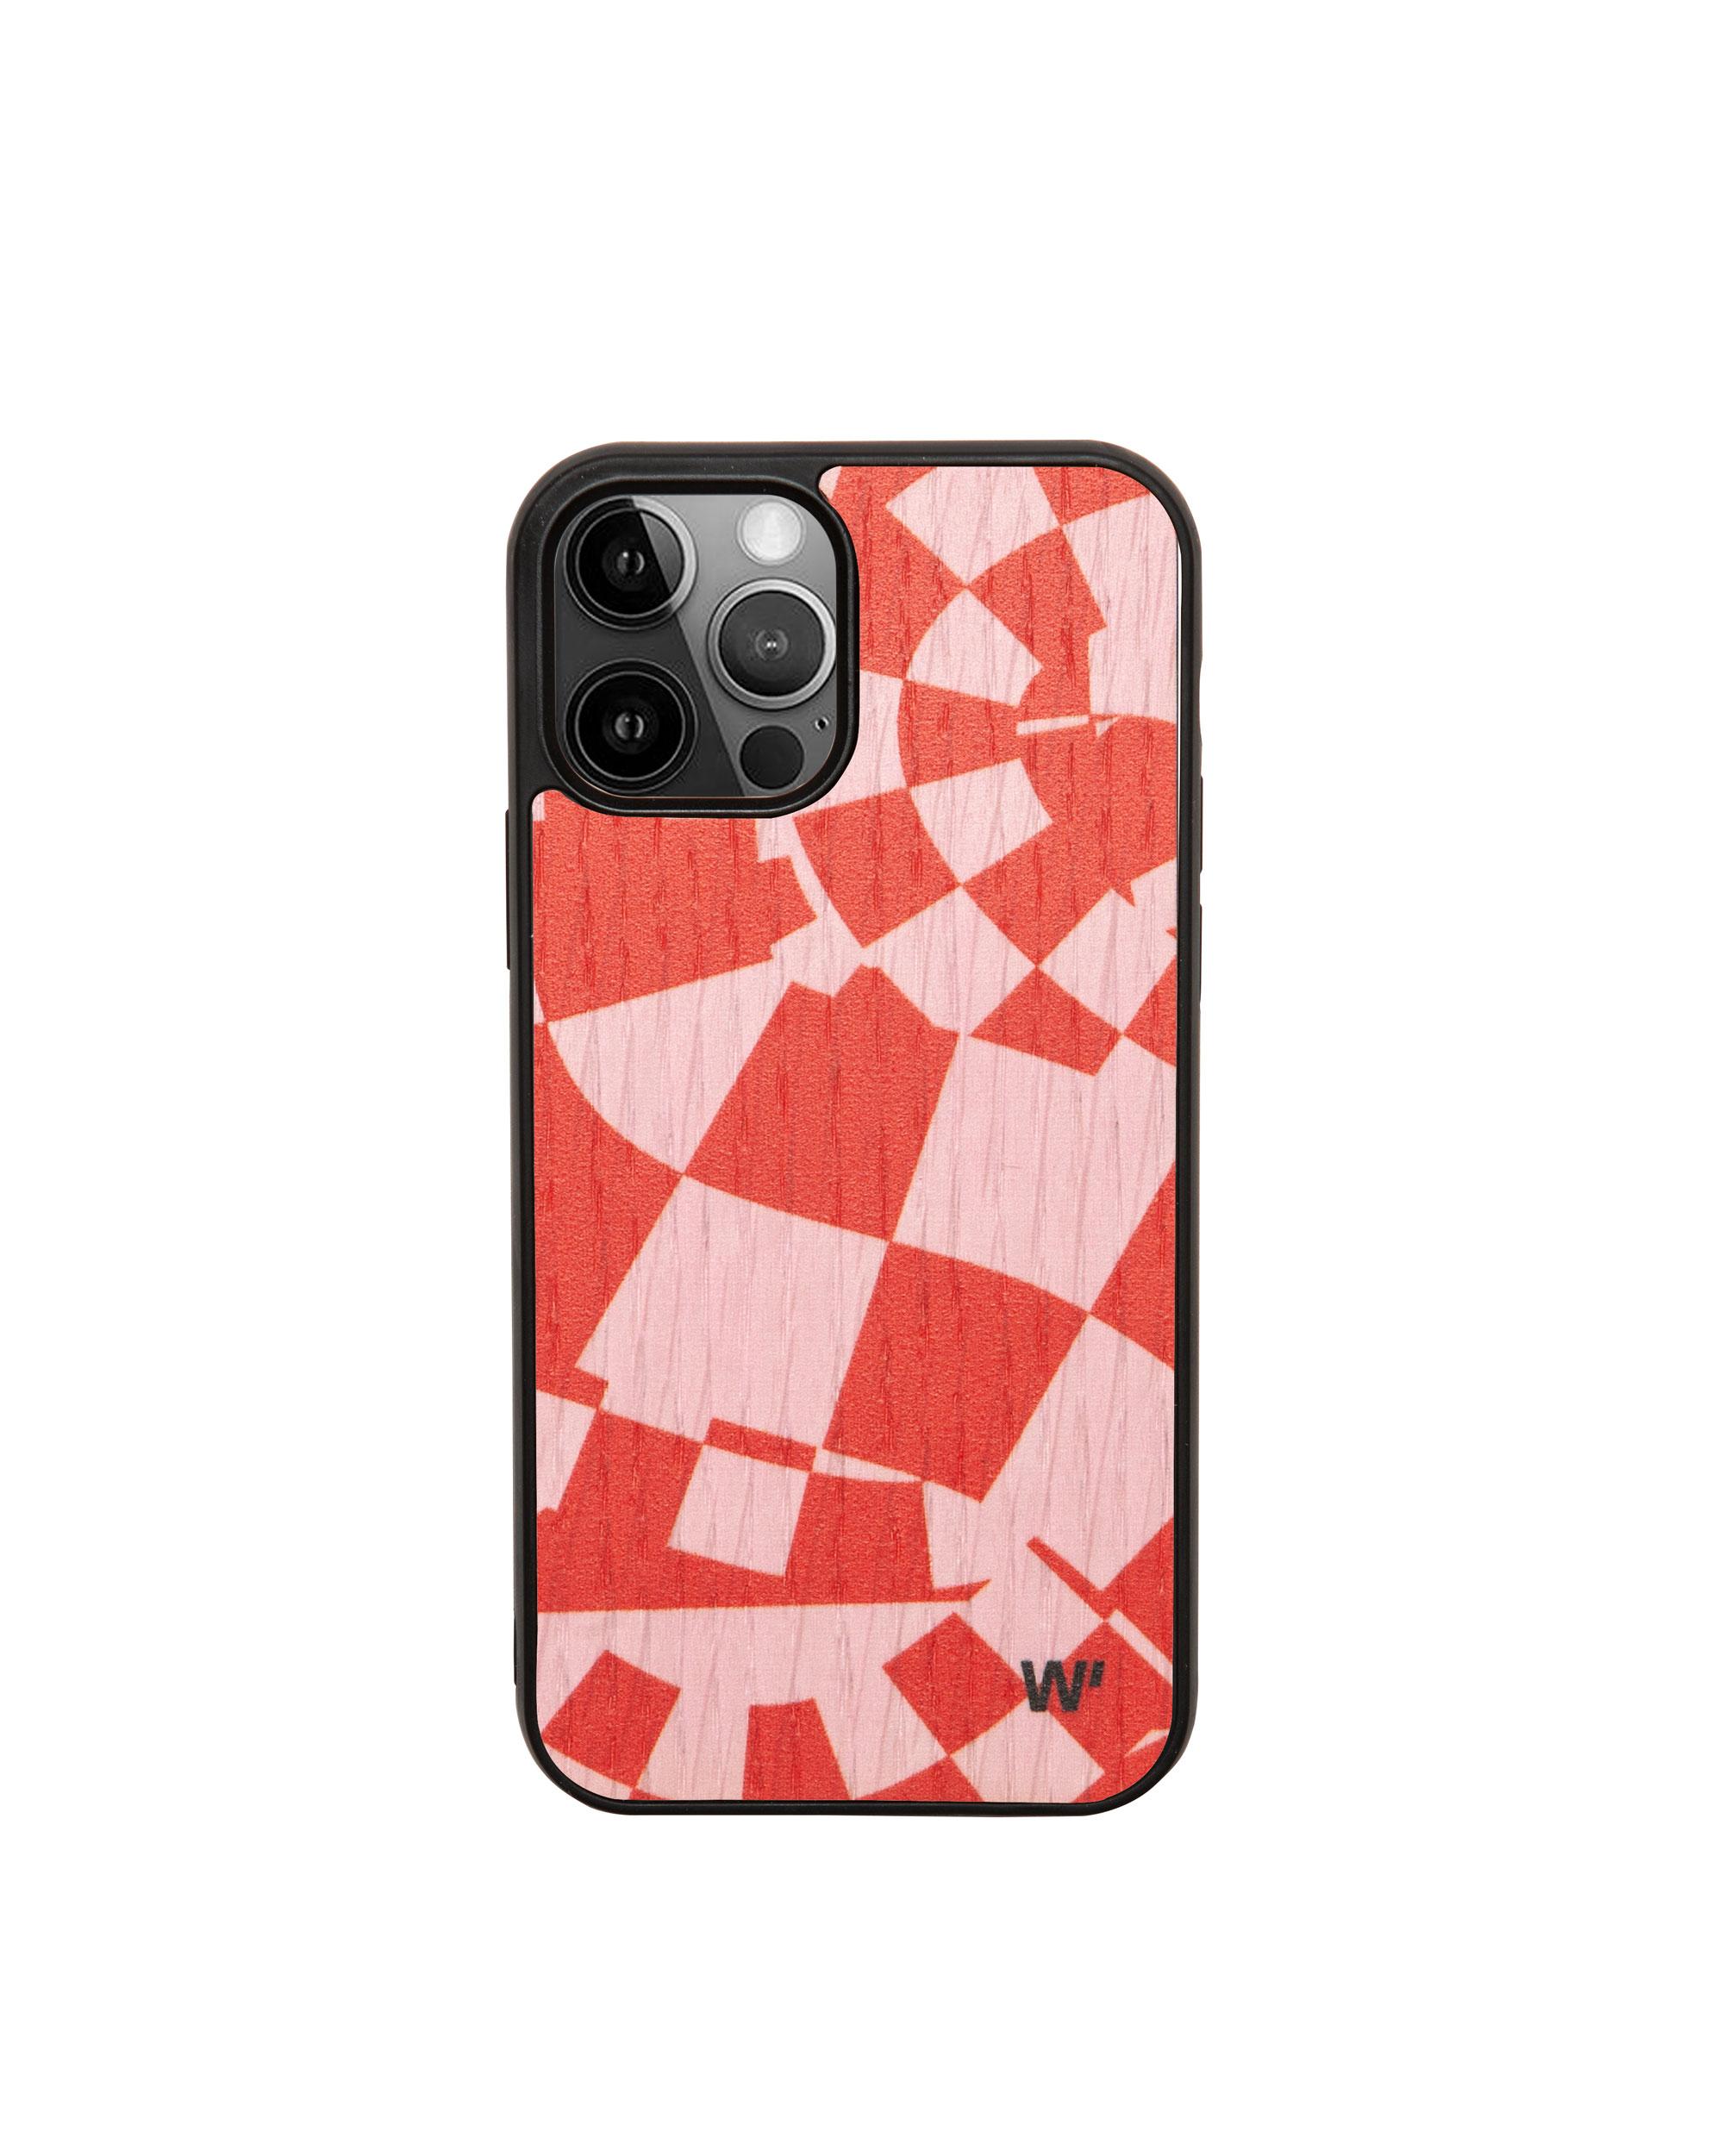 FLUID CHESS - Coque en bois pour iPhone 12 pro max